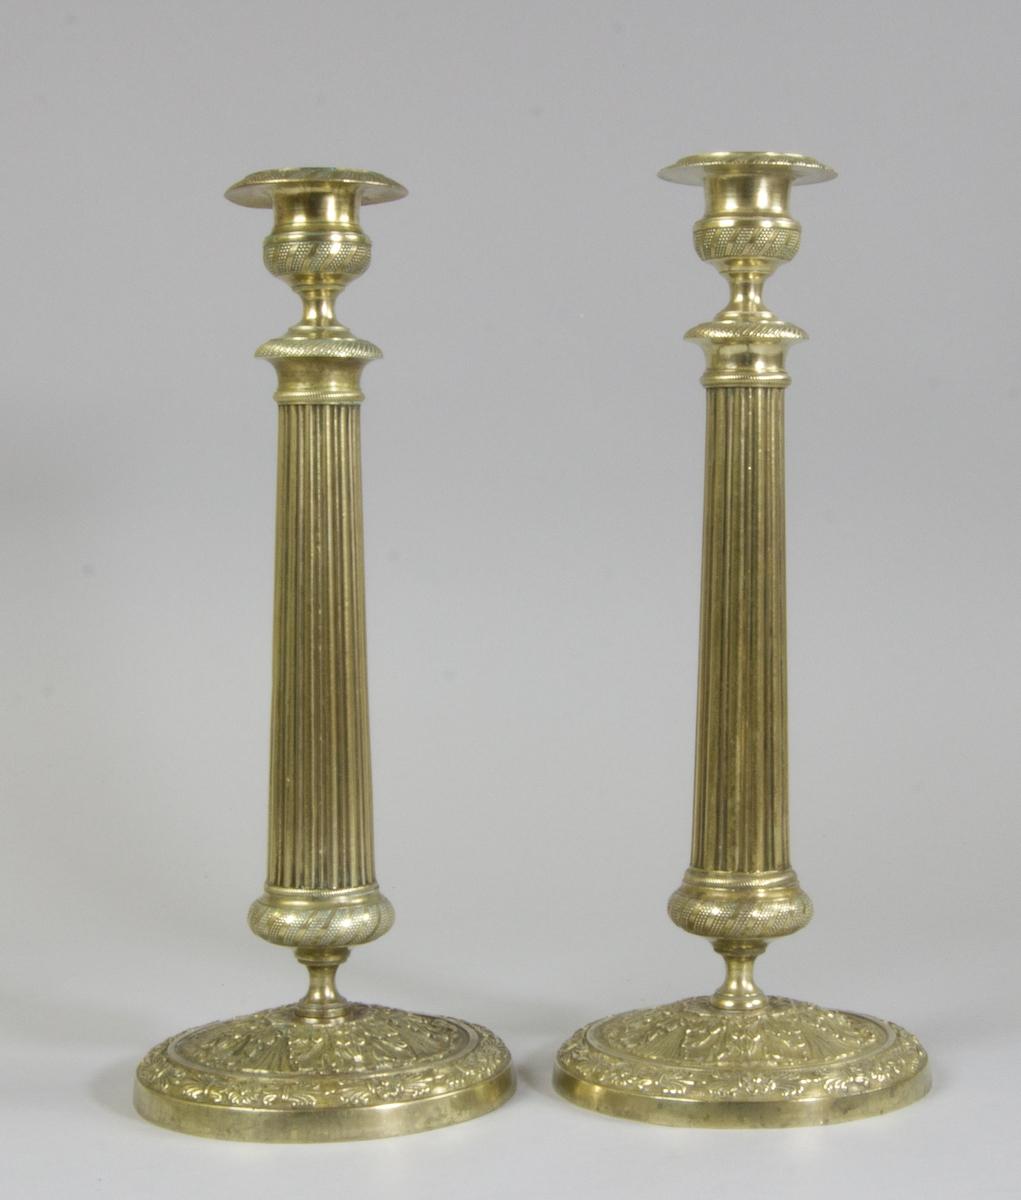 Ett par ljusstakar av brons. Manschetter med räfflor och med bronserade urnformade ljuspipor. Räfflade patinerade och kolonnformade skaft. Runda fotplattor med akantusblad.